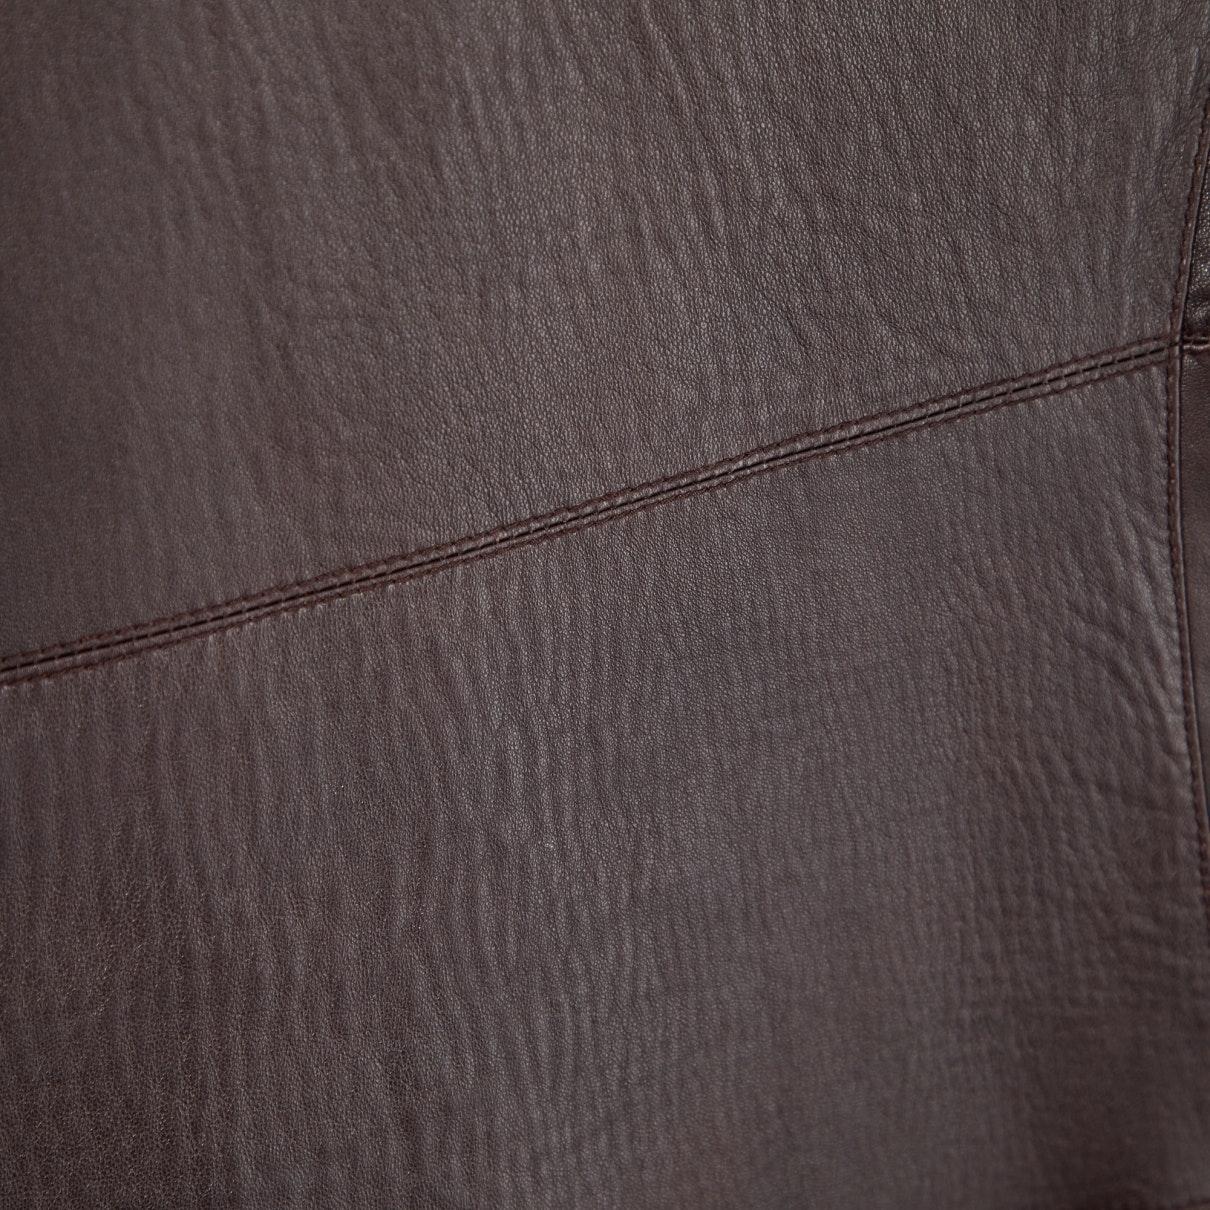 Abrigo de Cuero Jil Sander de Cuero de color Marrón